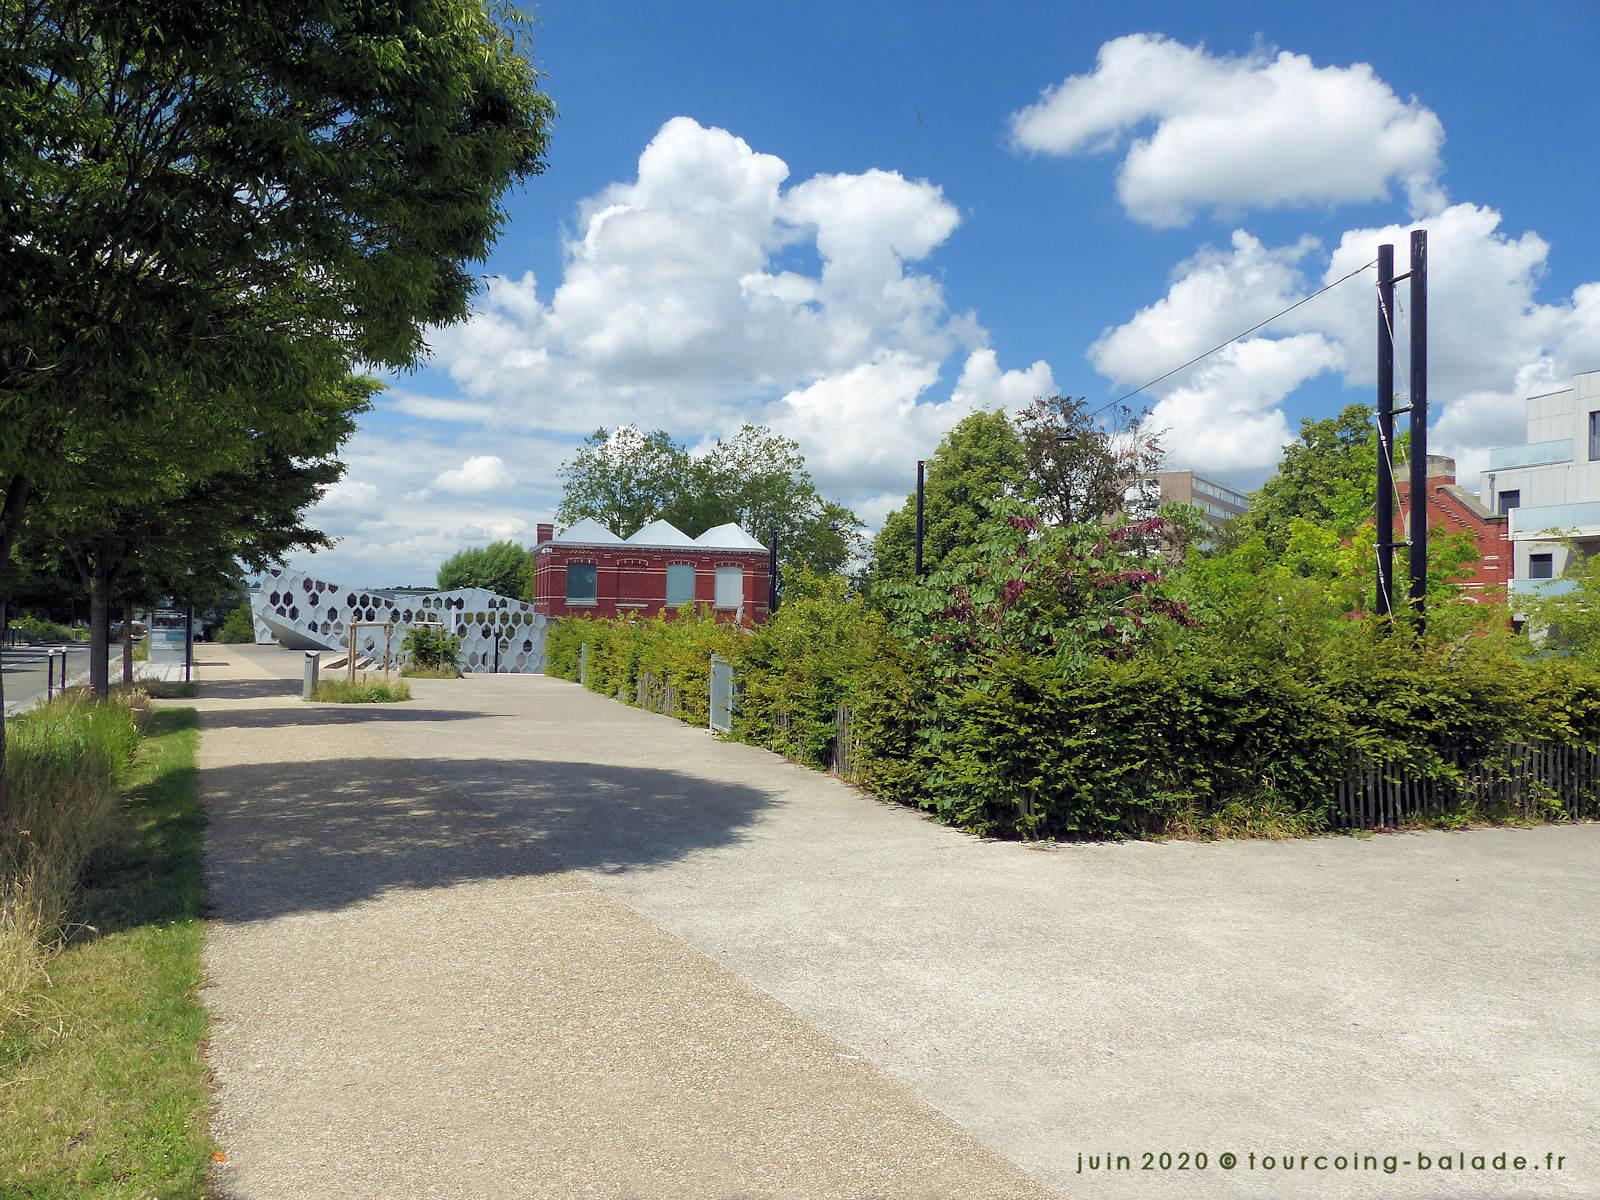 Jardin des Lettres et Médiathèque Chédid, Tourcoing 2020